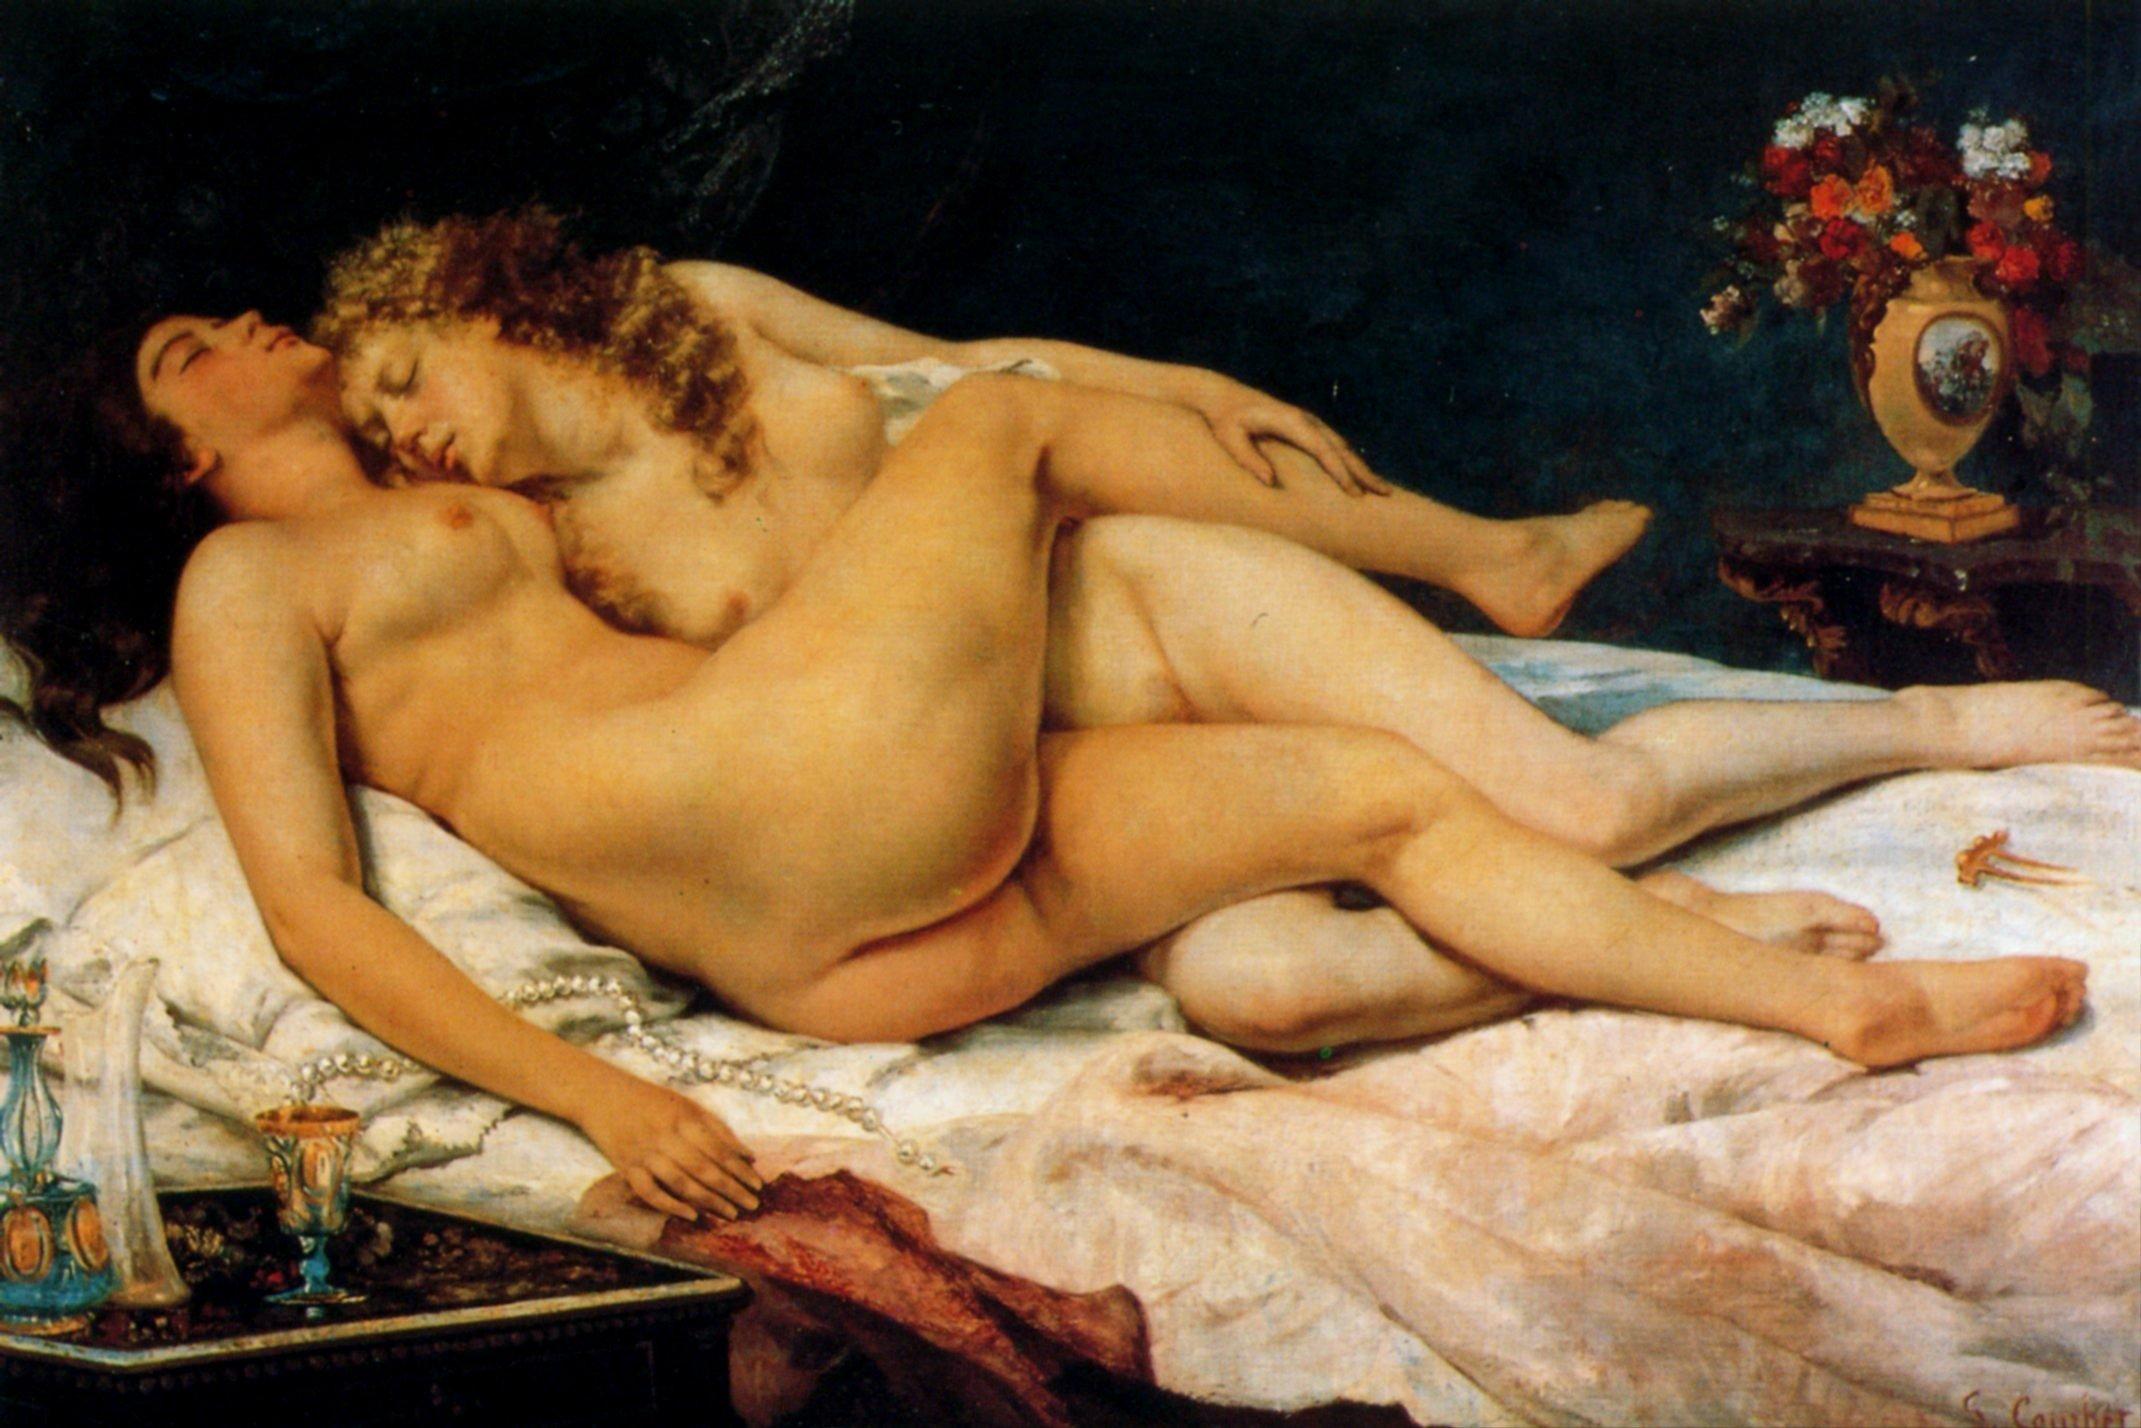 Секс как искусство арт картинки 9 фотография